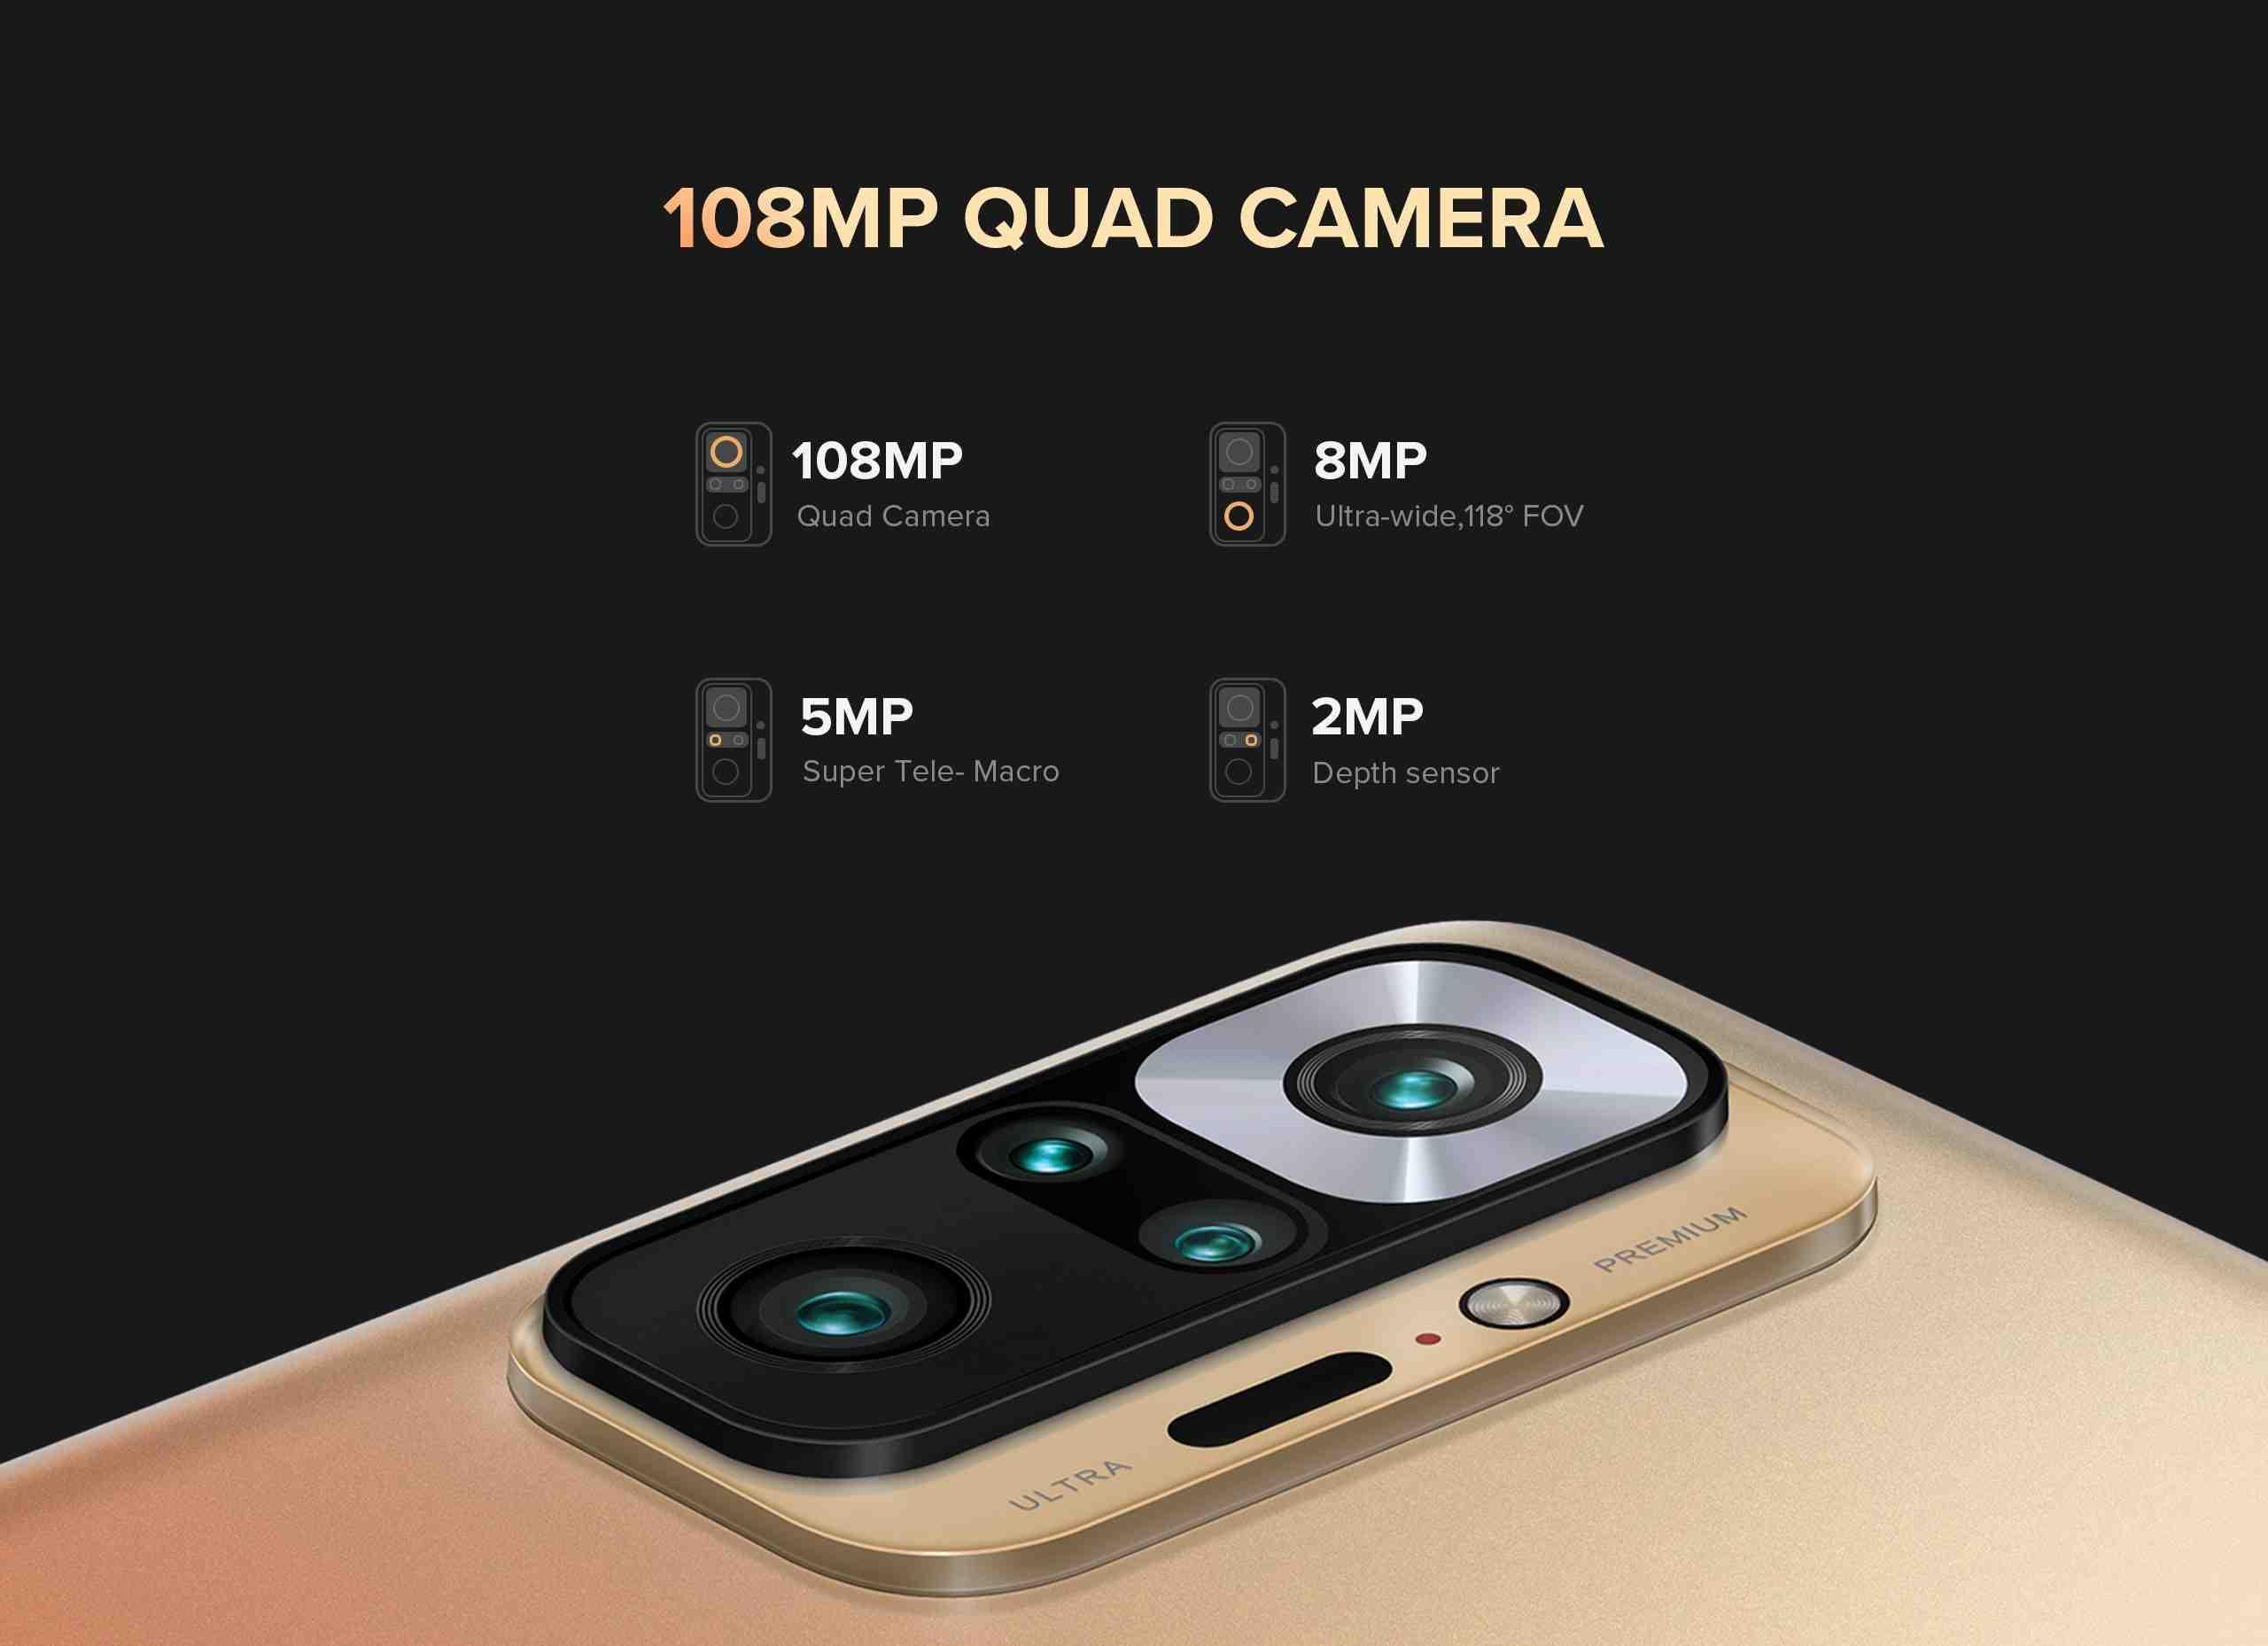 Redmi quad camera